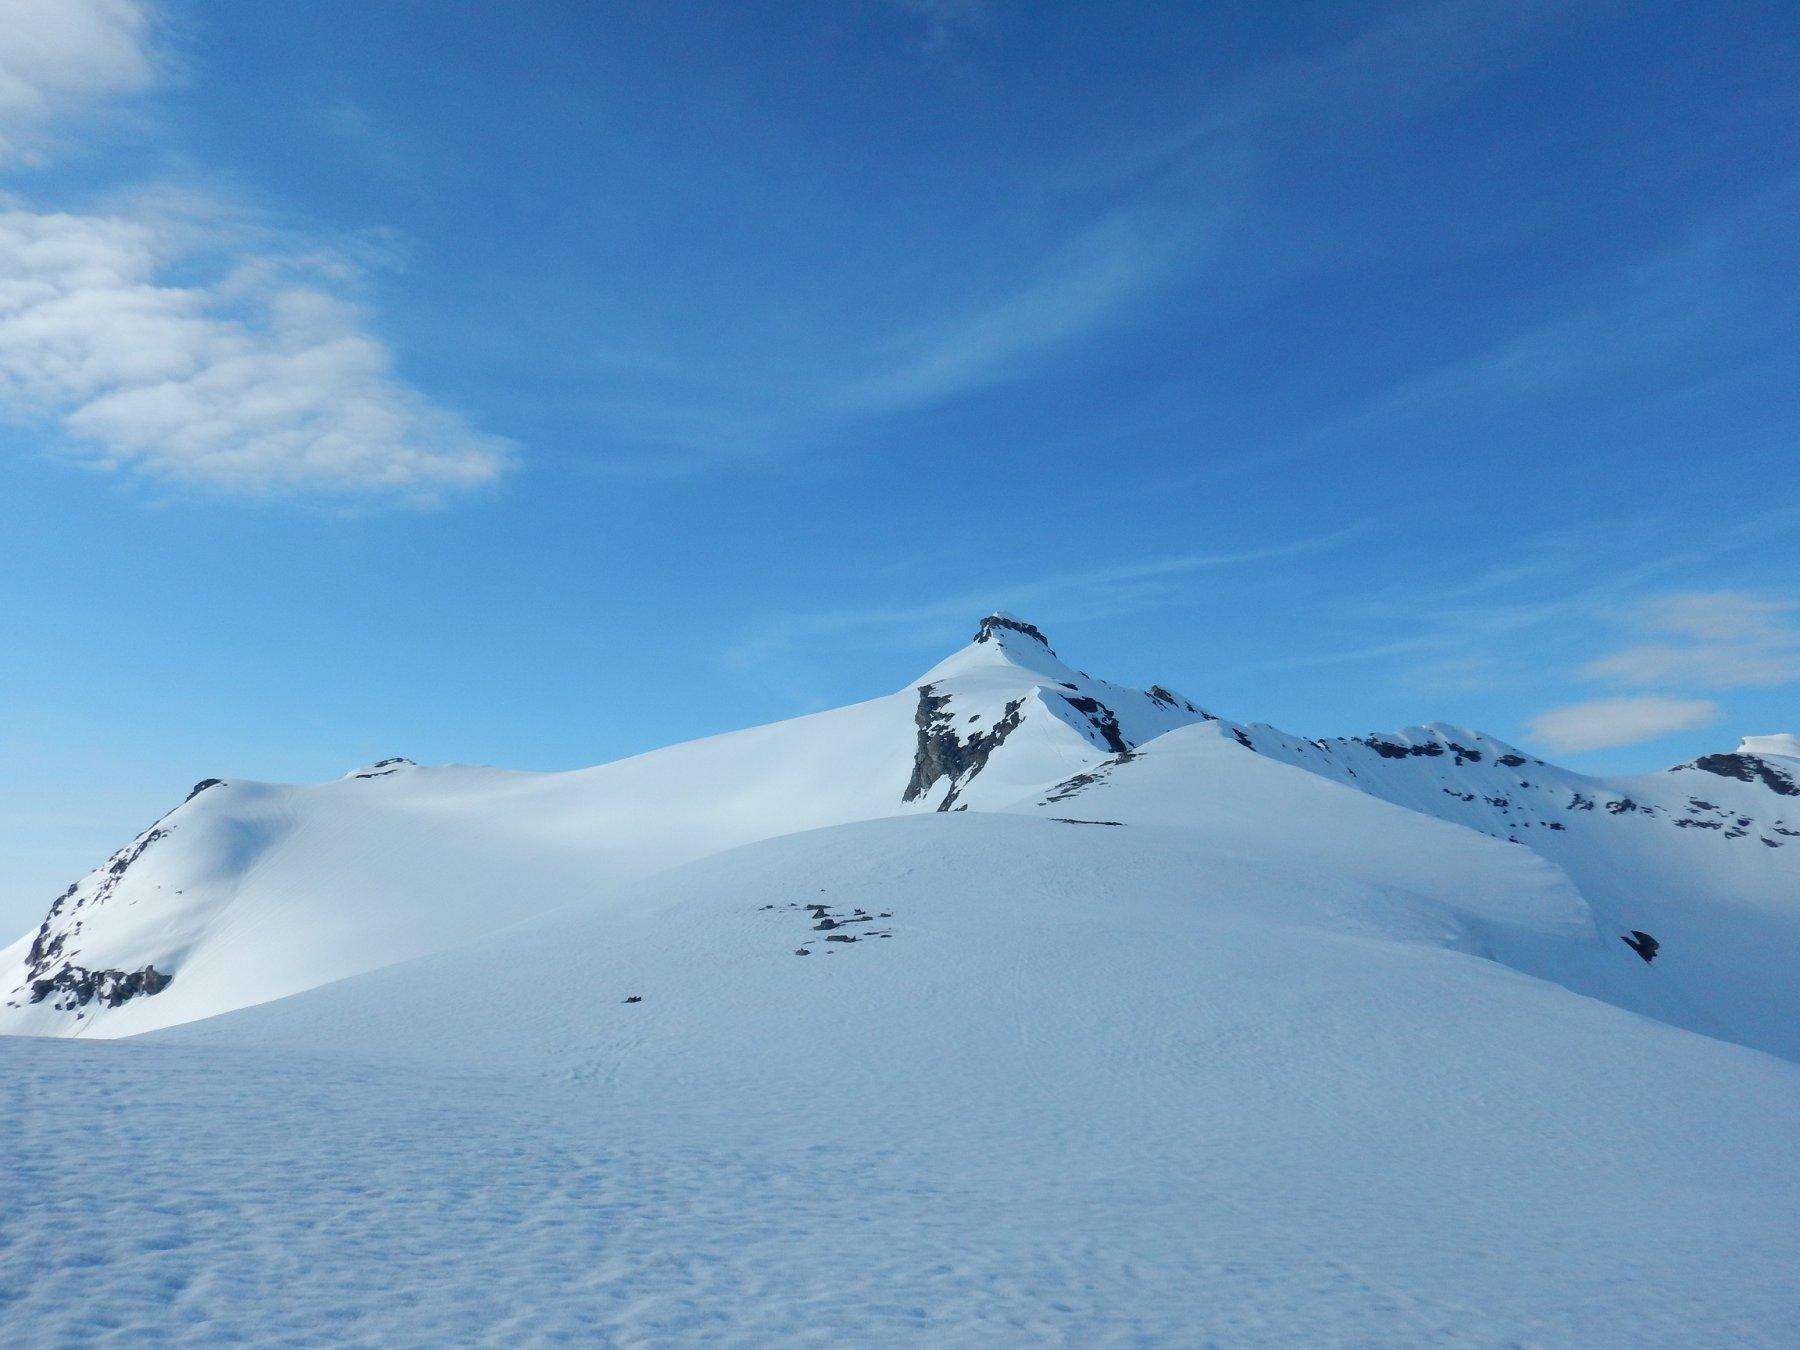 la cresta, parte con gli sci e parte a piedi